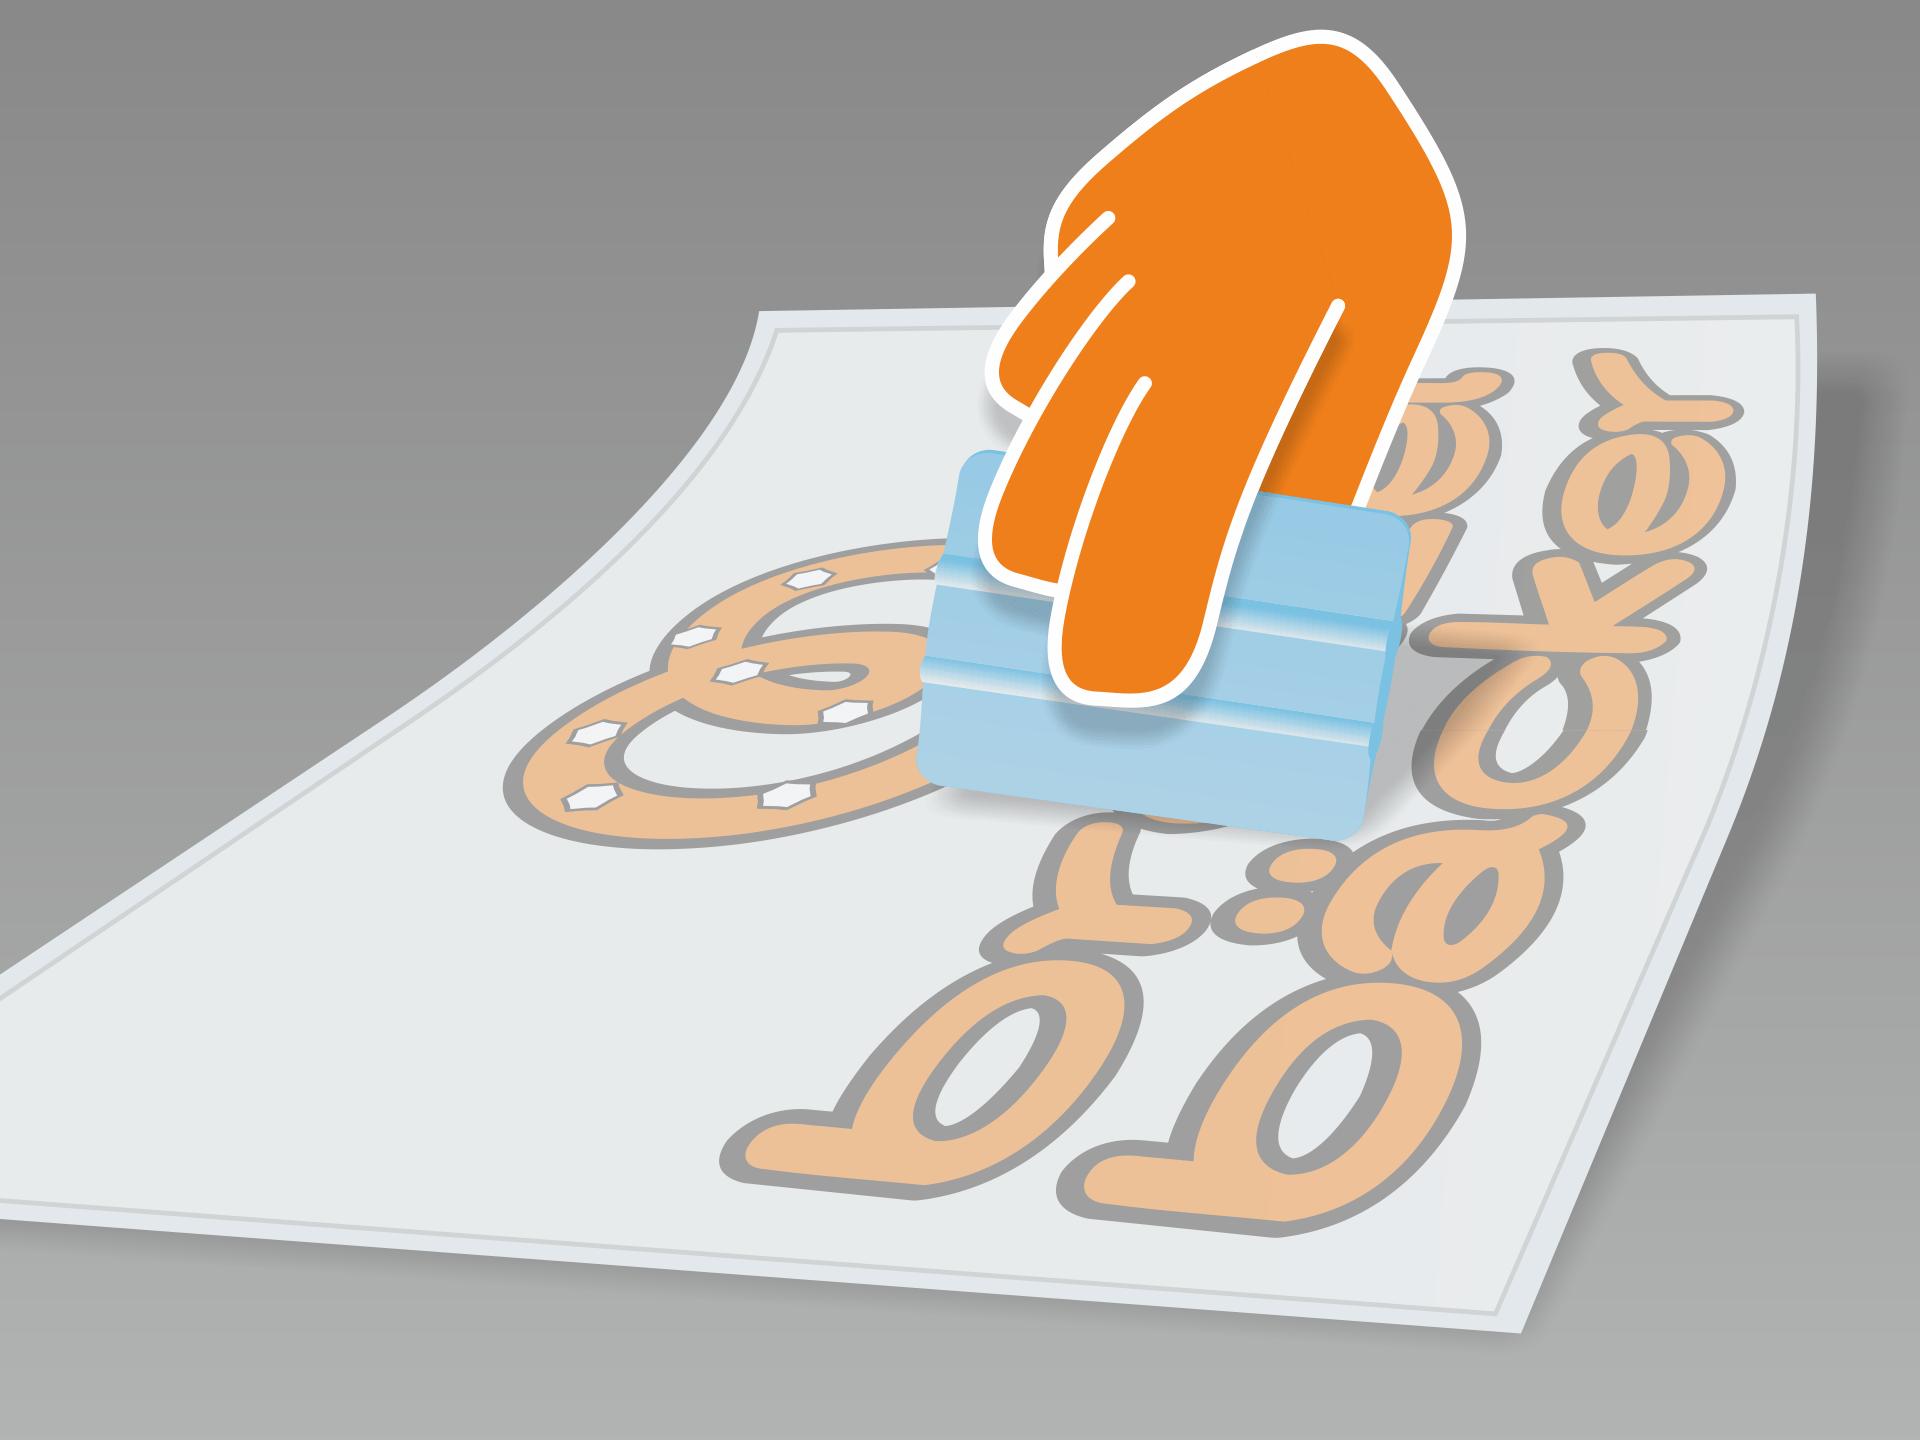 Aufkleber flach auf glattem Untergrund ausrollen und mit Rakel (oder Scheckkarte) fest über Vor- und Rückseite streichen.